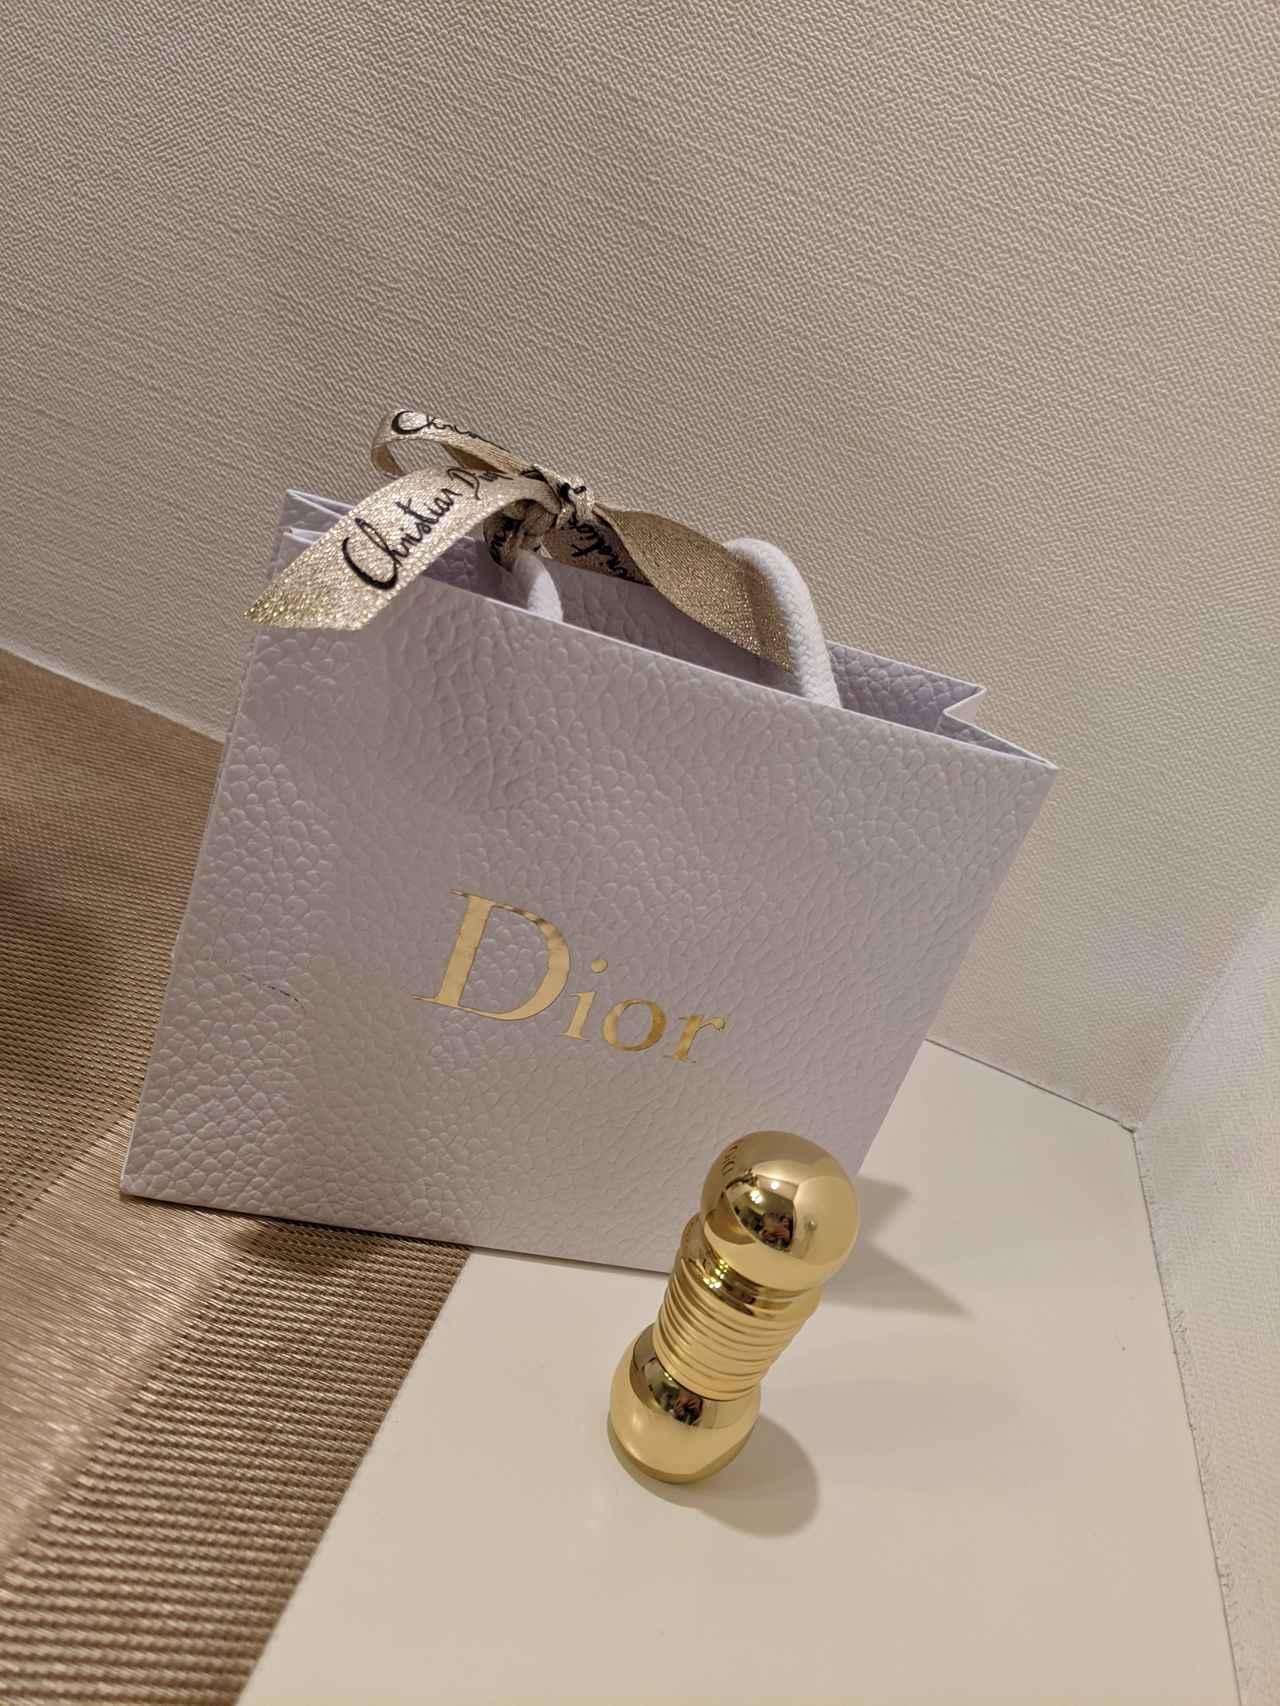 画像1: Diorクリスマスコレクション限定ルージュ